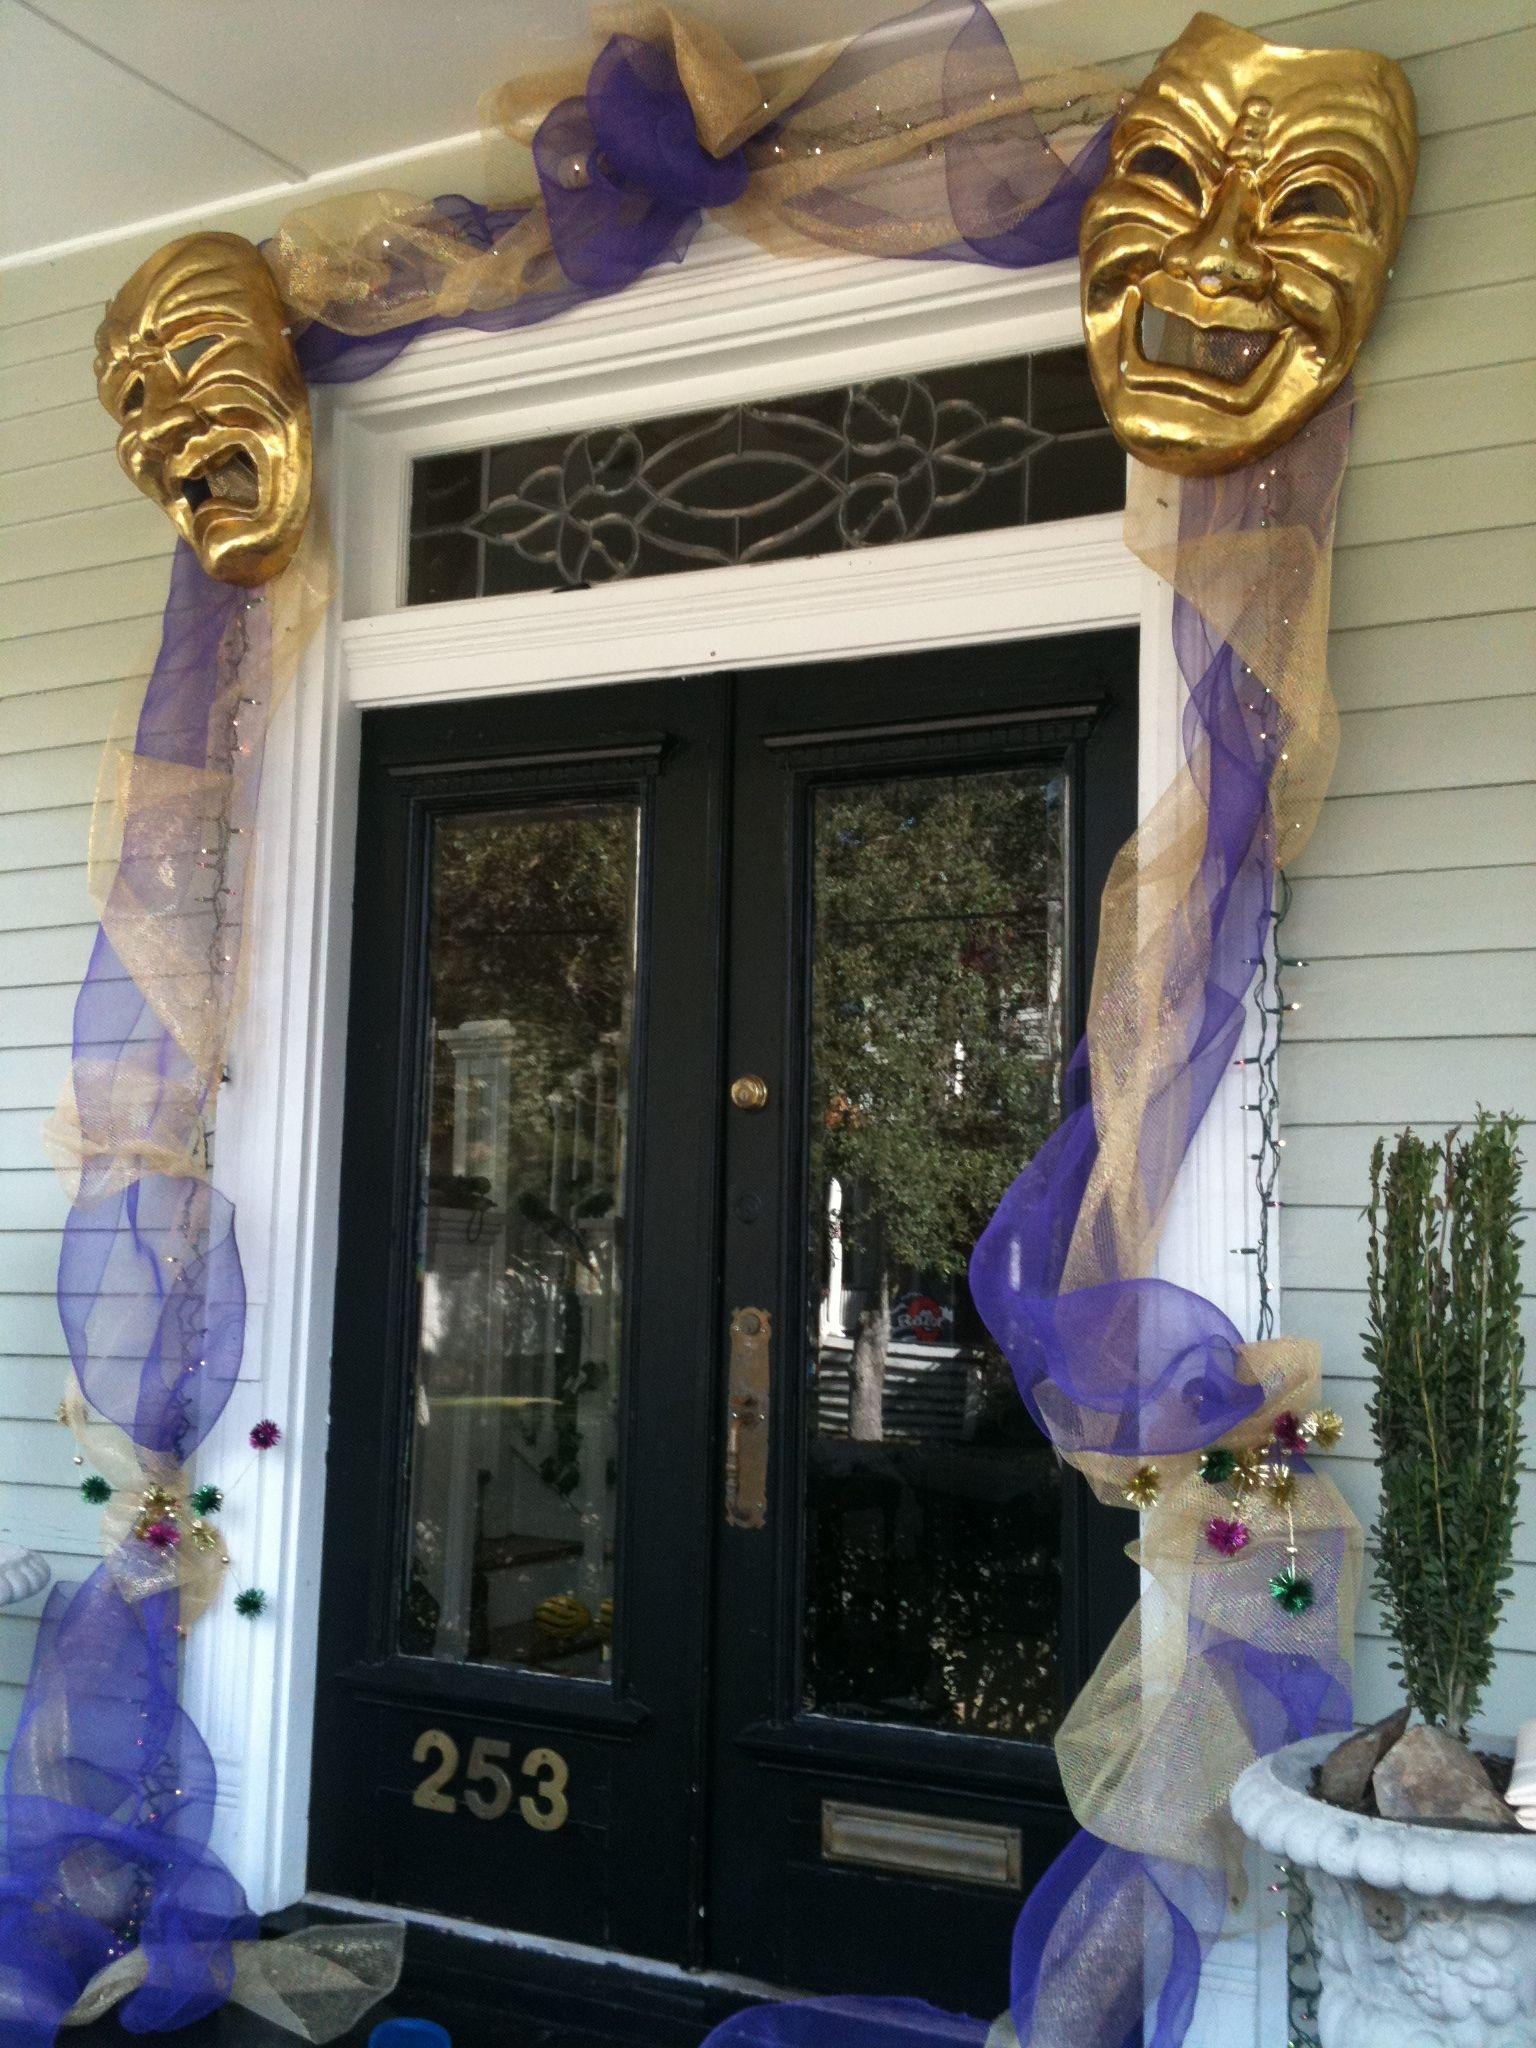 //demimonde.hubpages.com/hub/Mardi-Gras-Door-Decor-Ideas & Mardi Gras Door Décor Ideas | Mardi gras Doors and Mardi gra